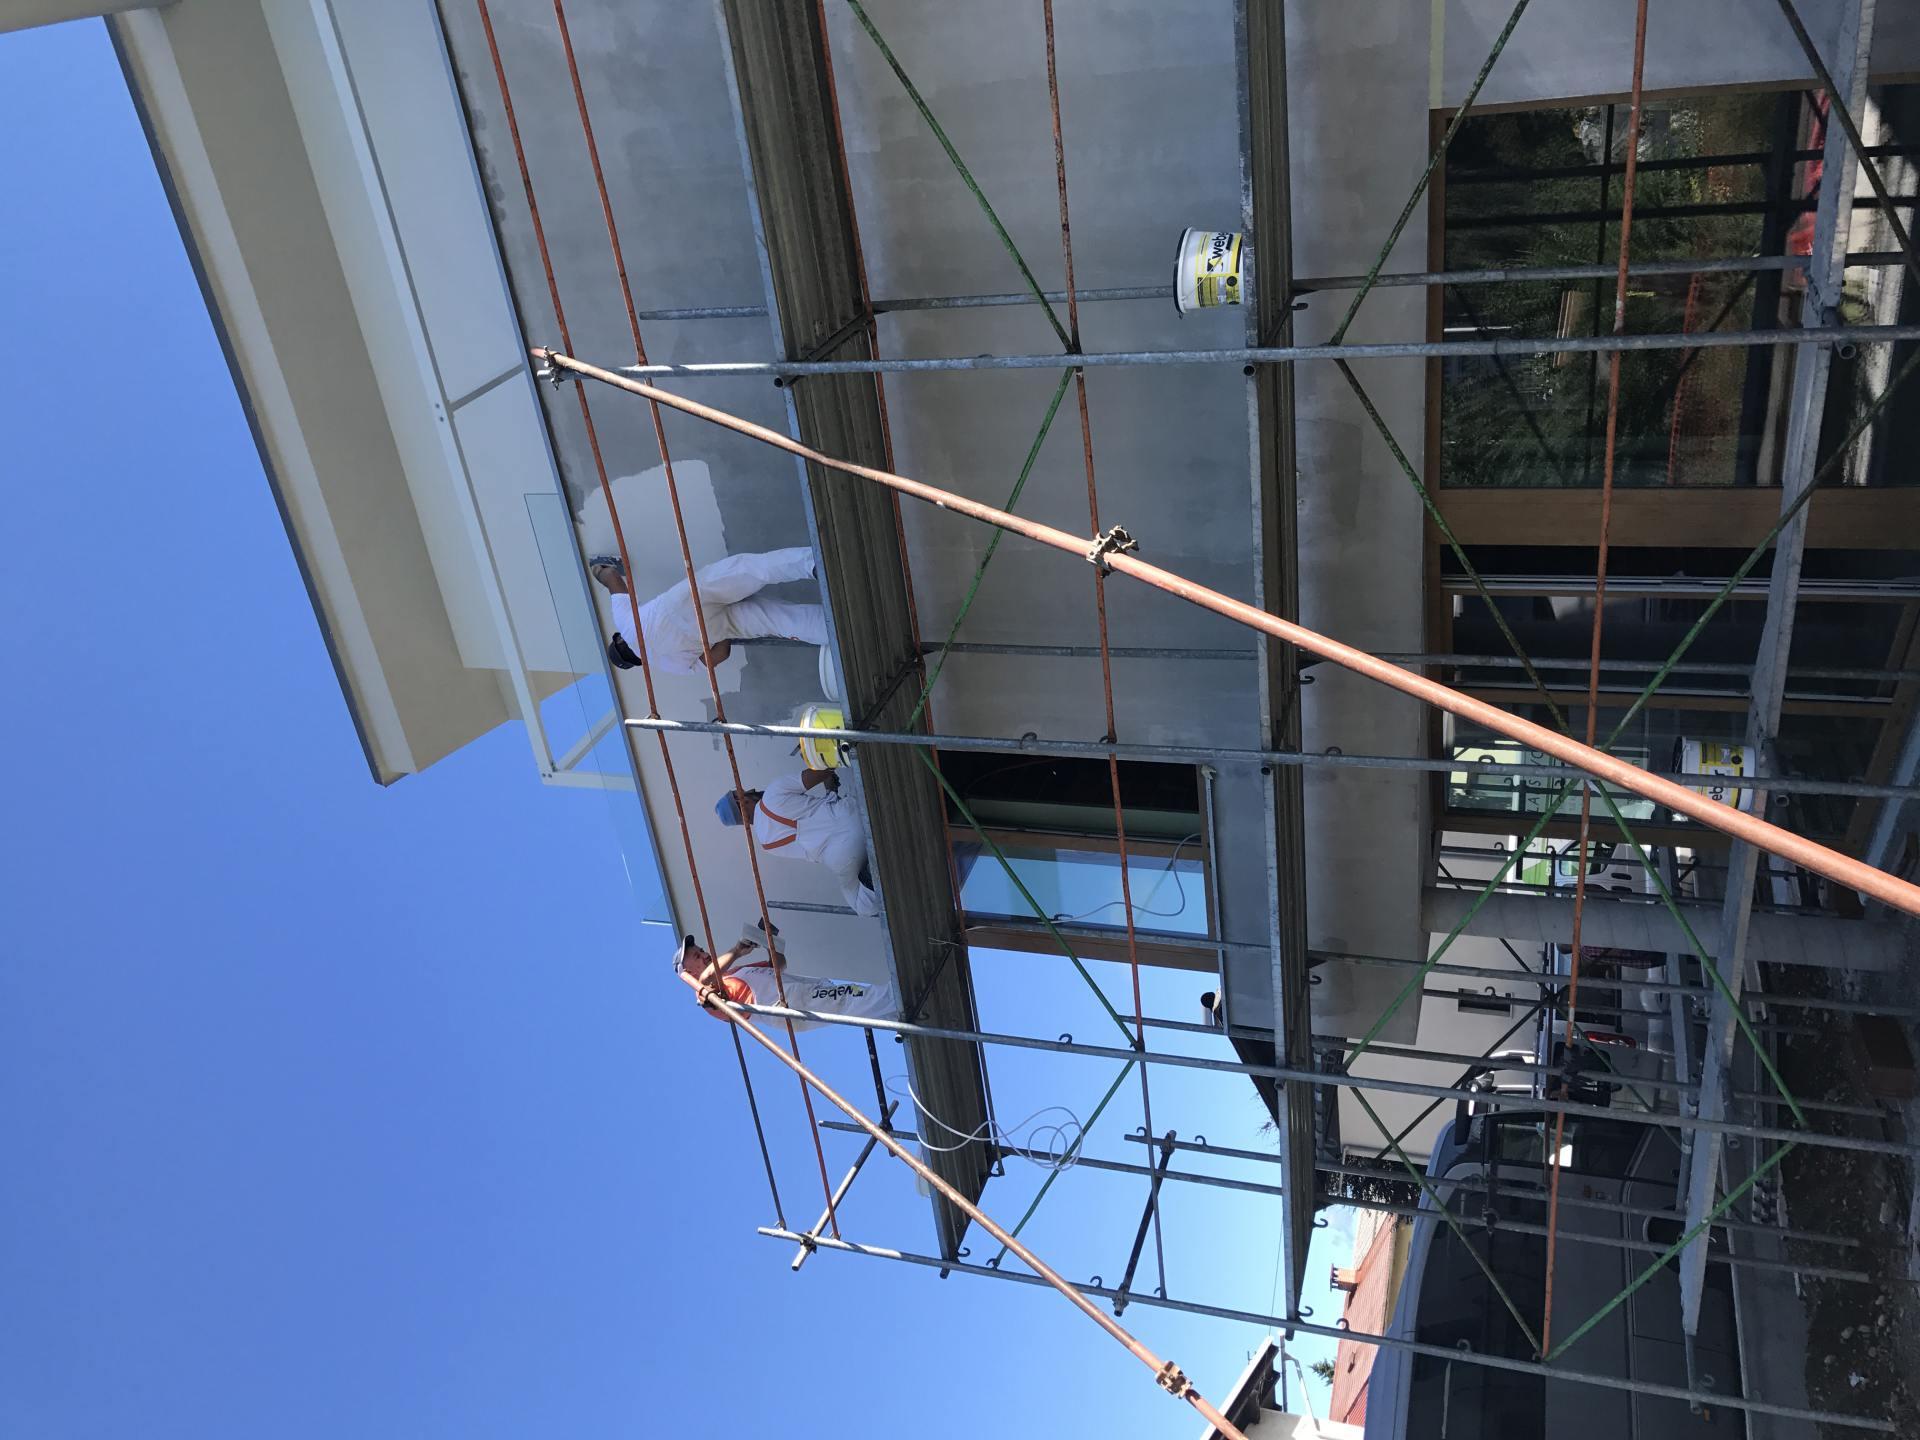 Spekter In d.o.o. - Svetovanje in inženiring, novogradnje, gradbena in fasaderska dela, urejanje okolice, sanacija obstoječih objektov IMG_1992